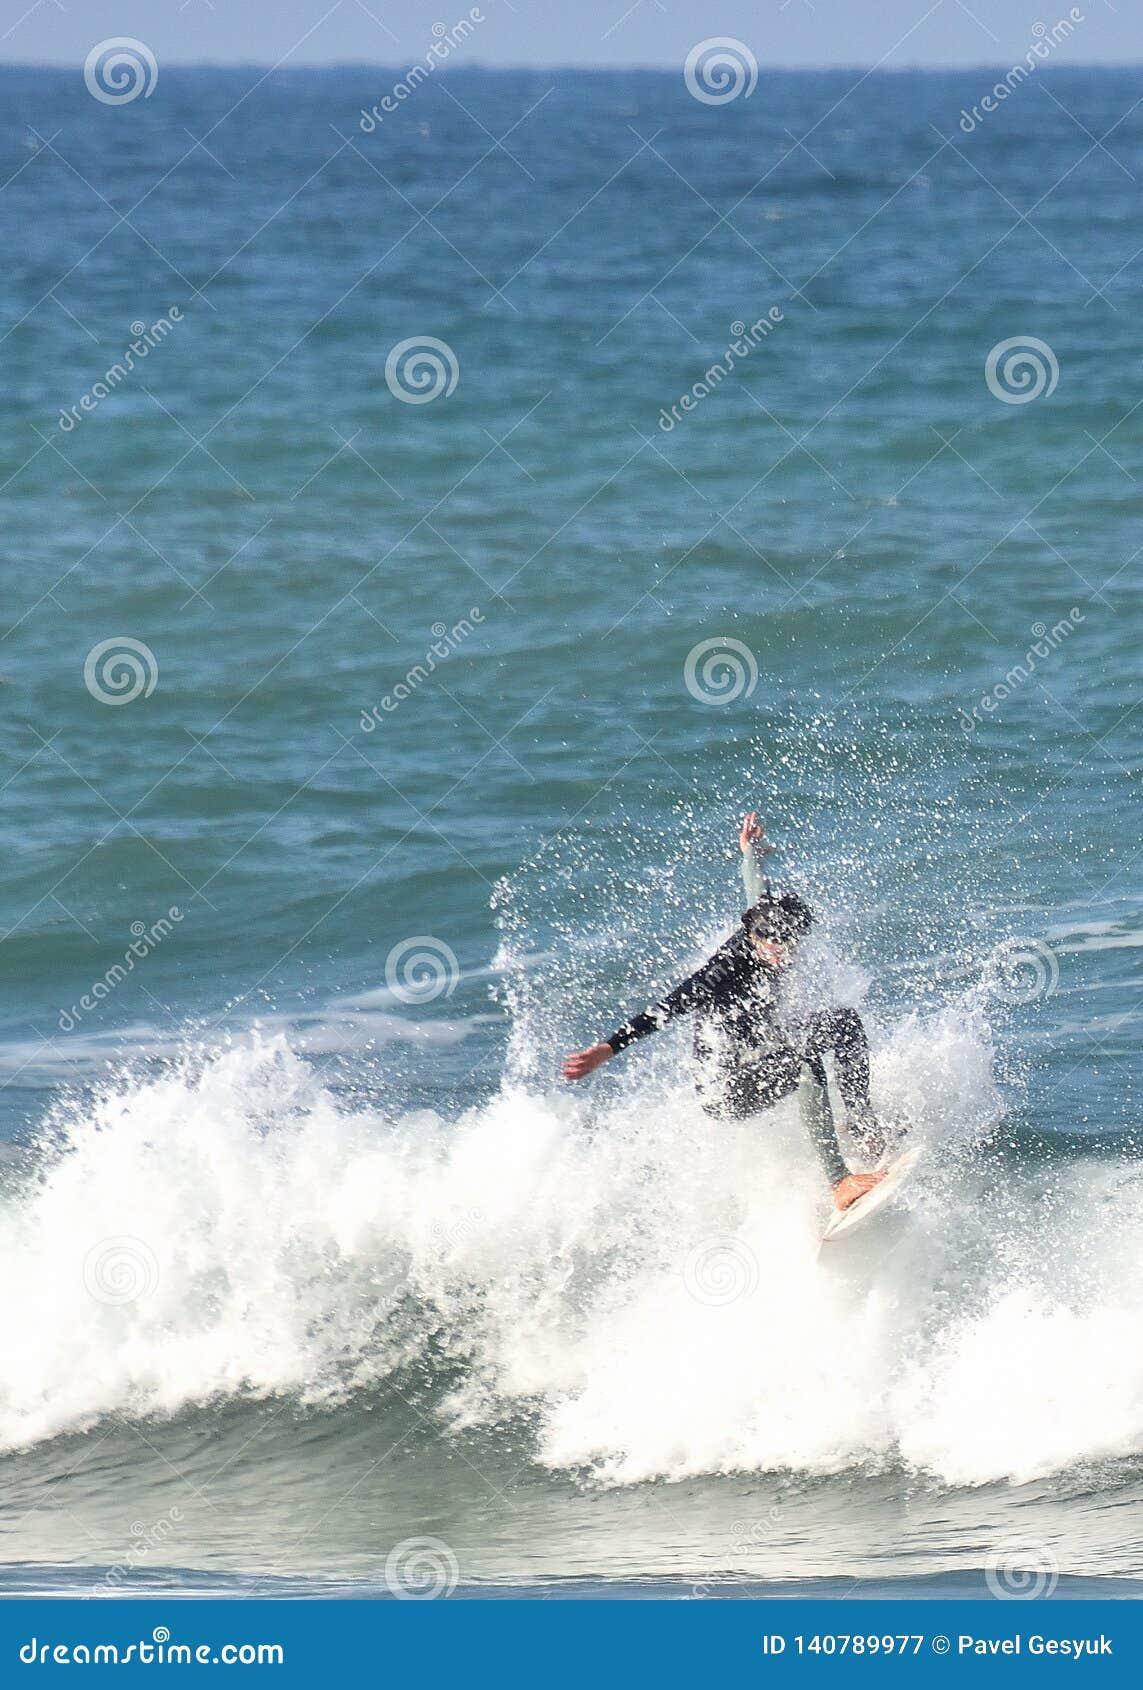 Wave surfer rides within a splash